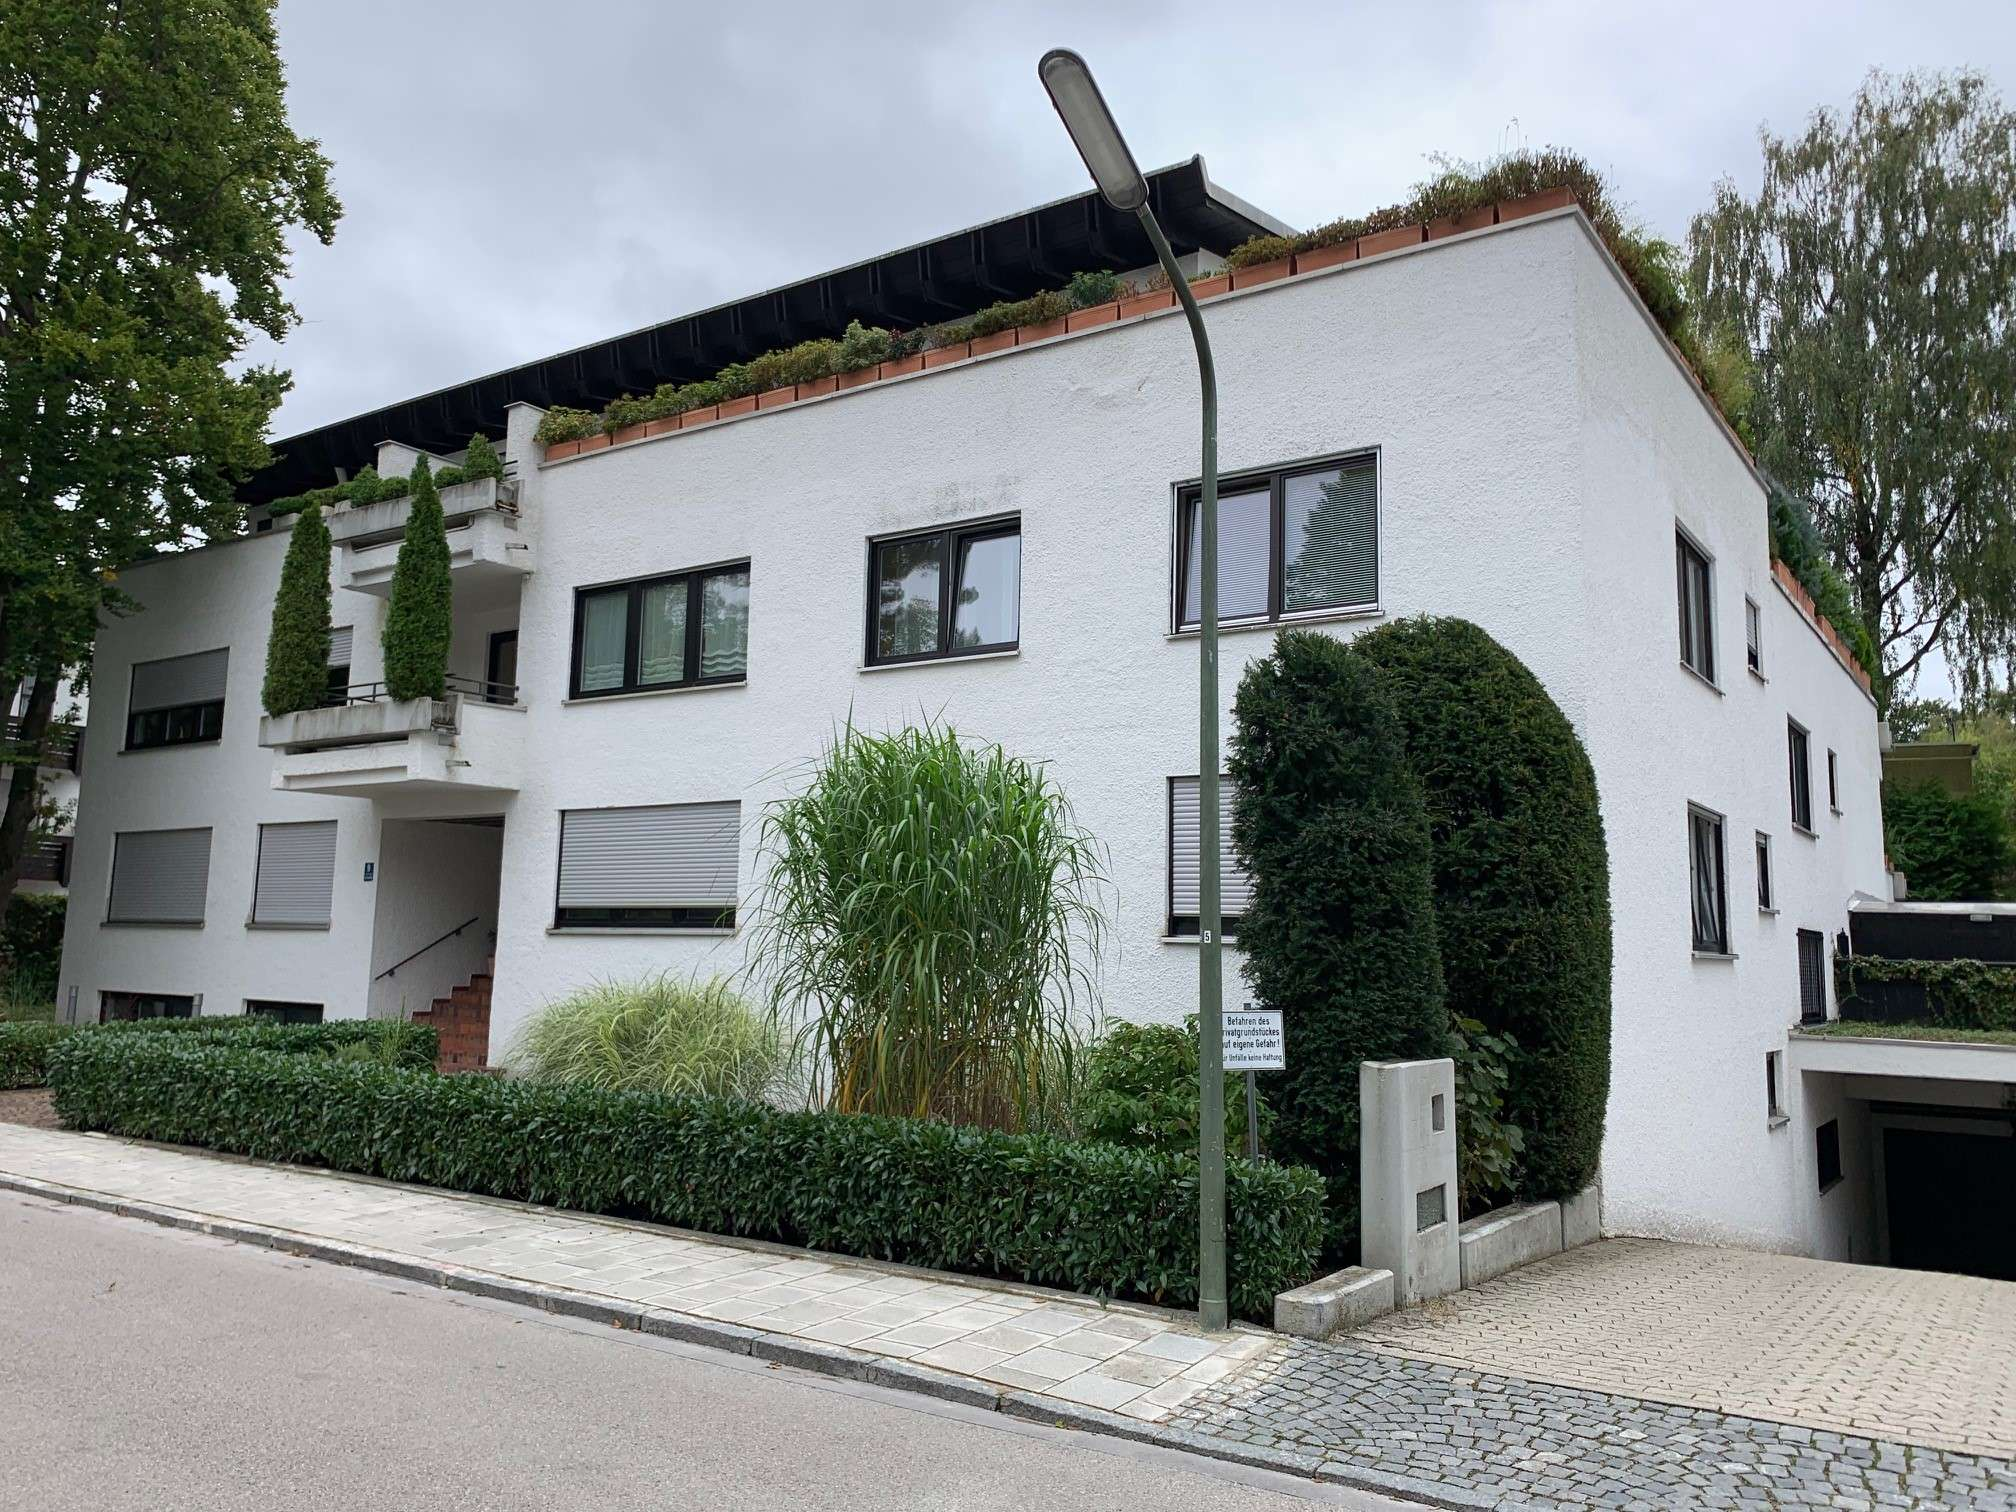 Alt-Solln - Bestlage - Kamin - Gästeappartement in Solln (München)